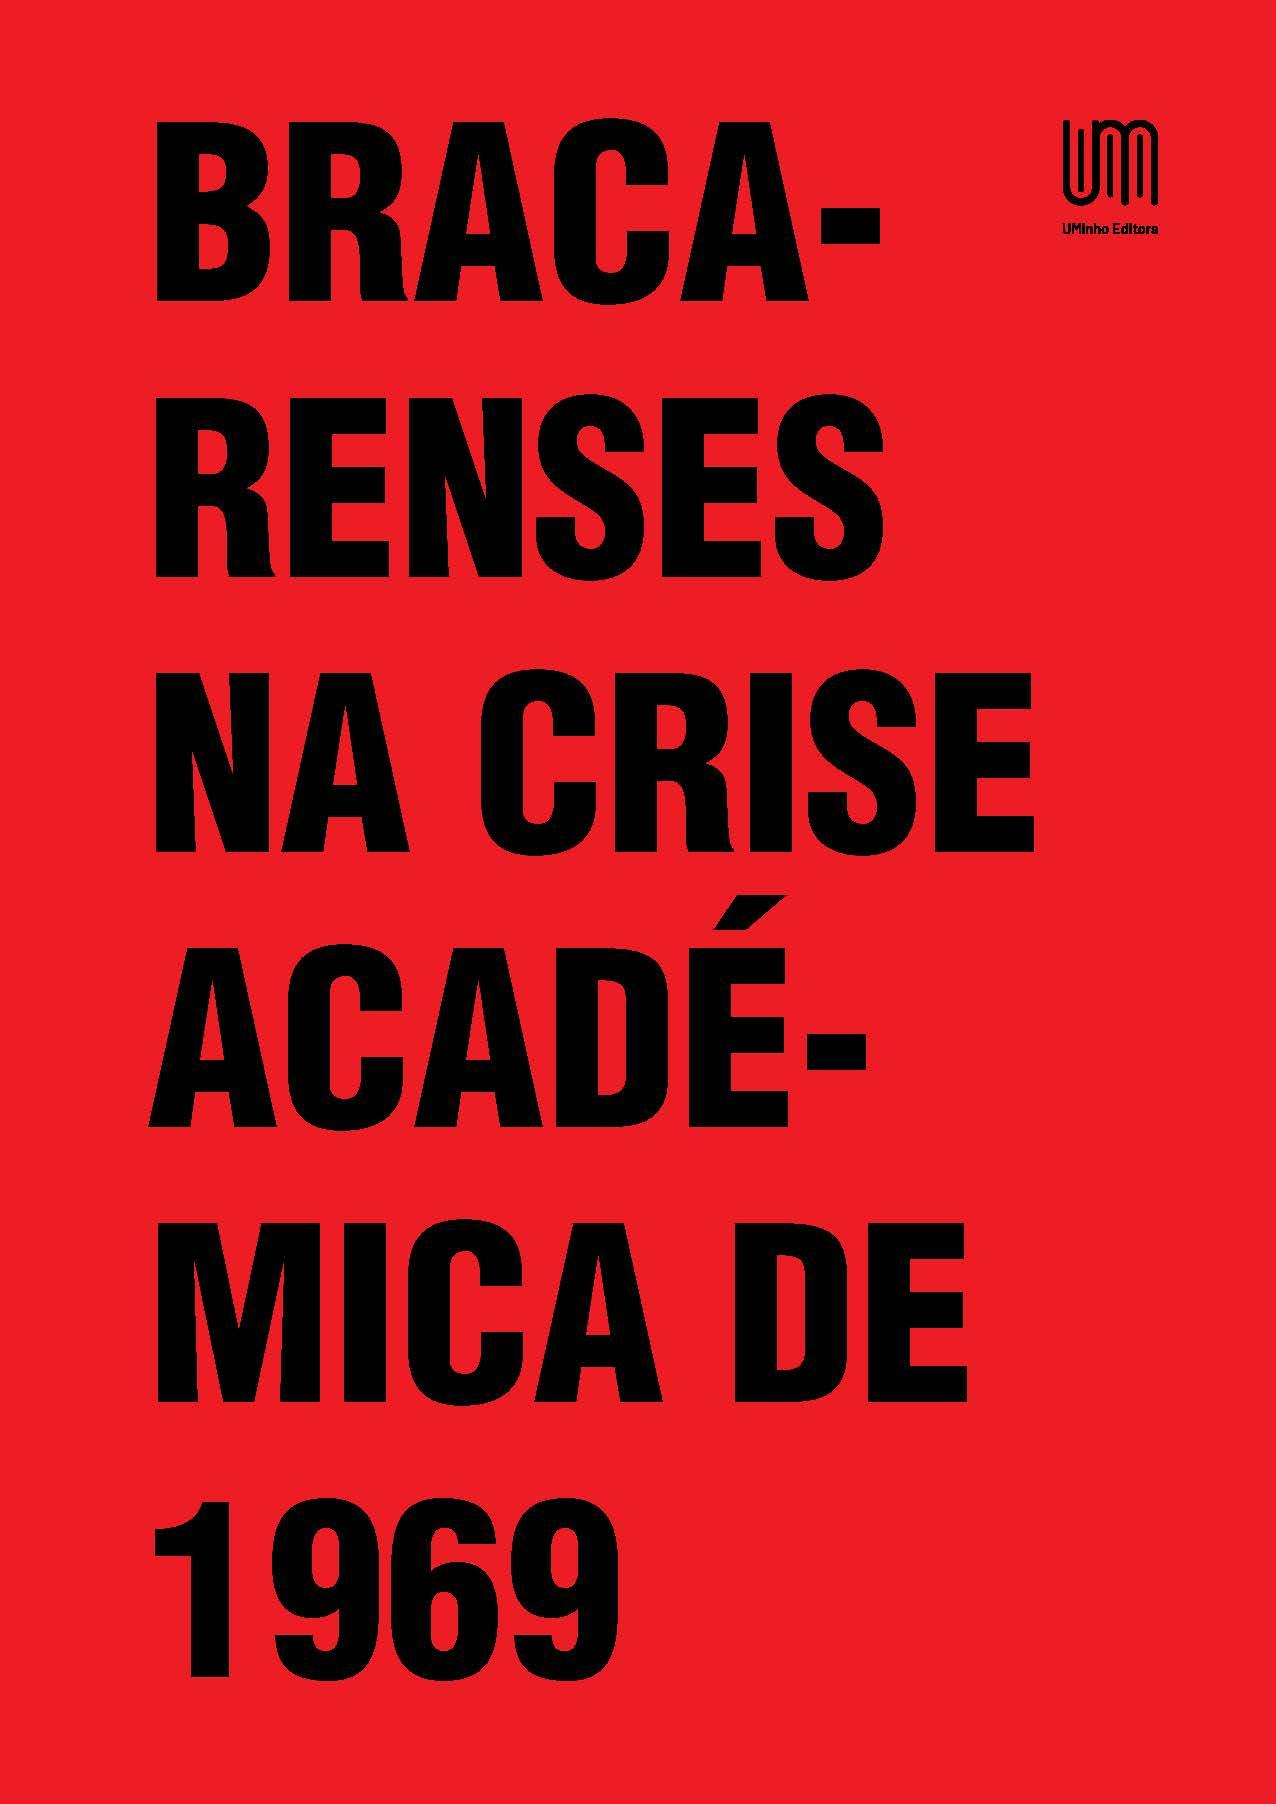 Capa do livro Bracarenses na crise académica de 1969, de Luís Reis Torgal